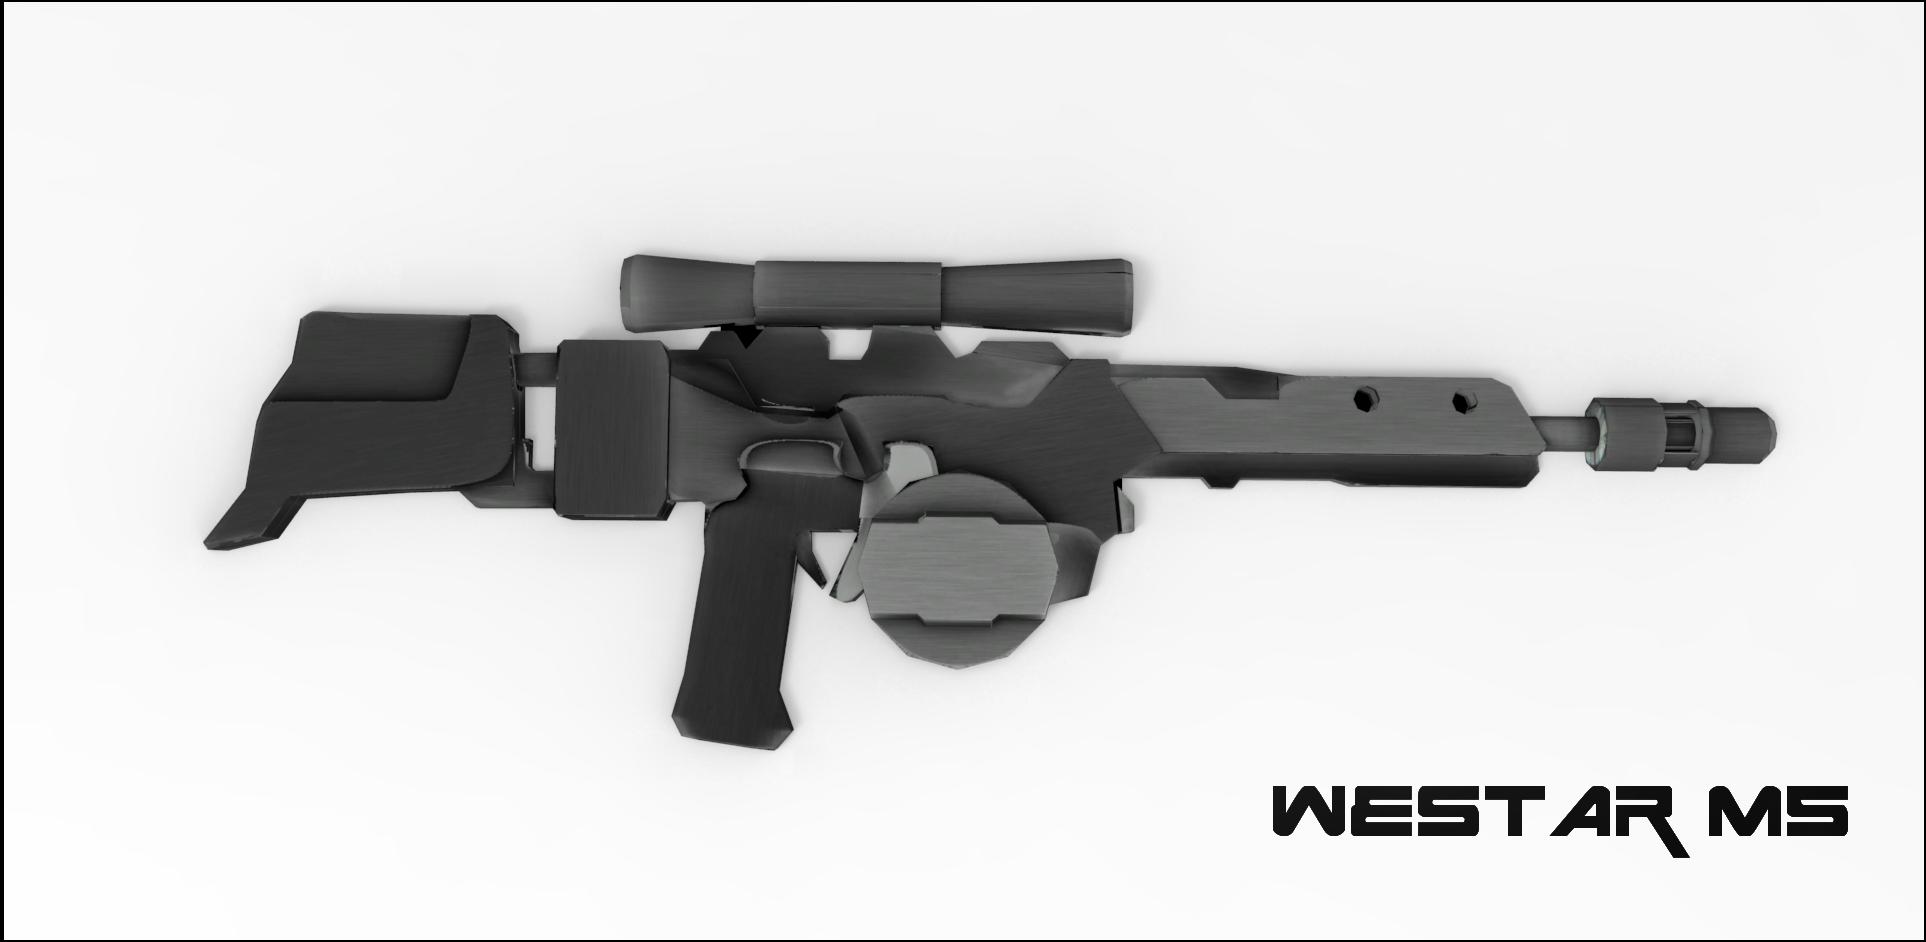 WESTAR M5